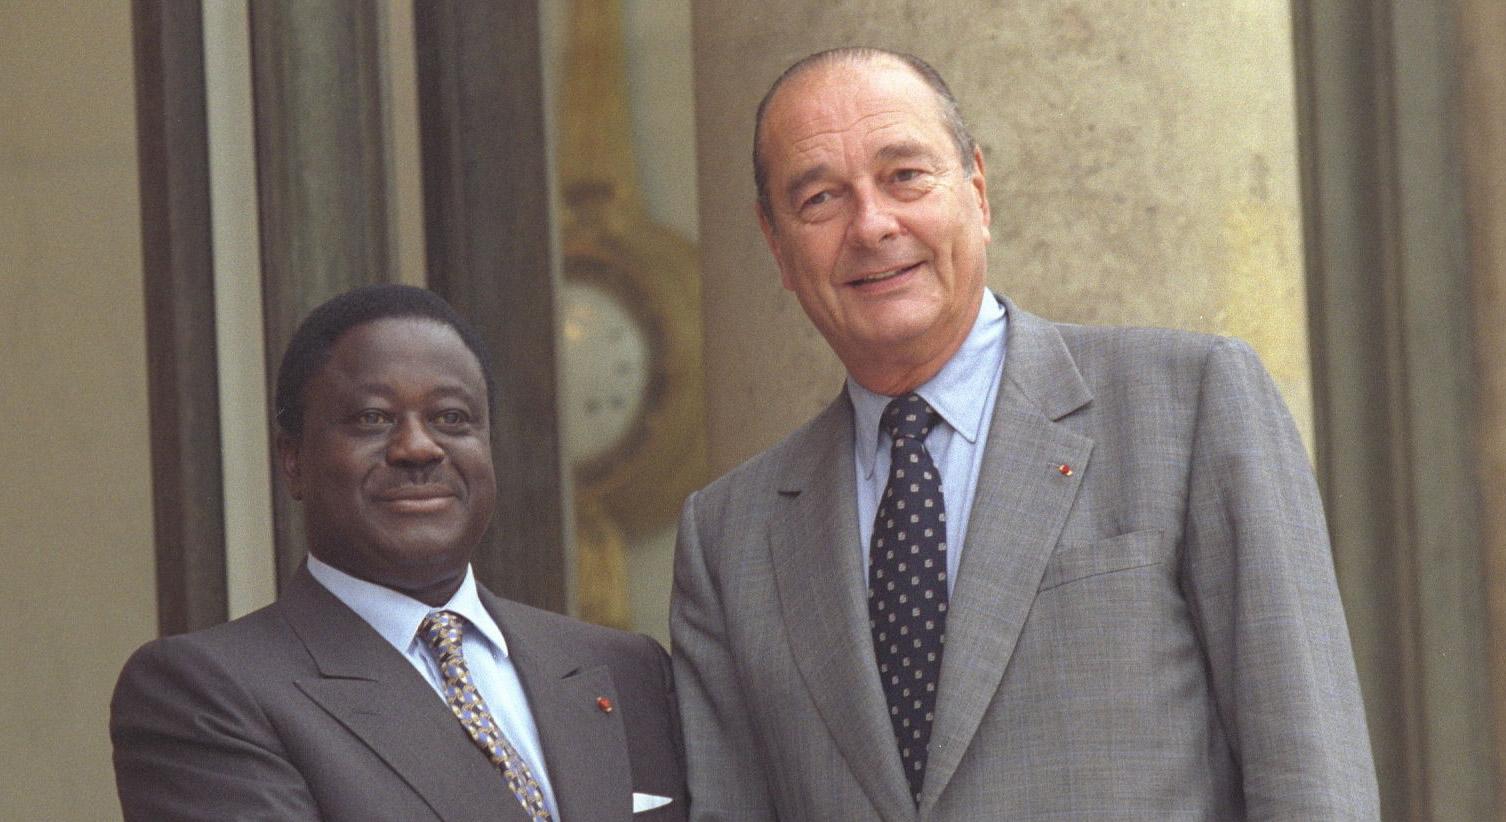 Jacques Chirac,Chirac,Henri Konan Bédié,décès